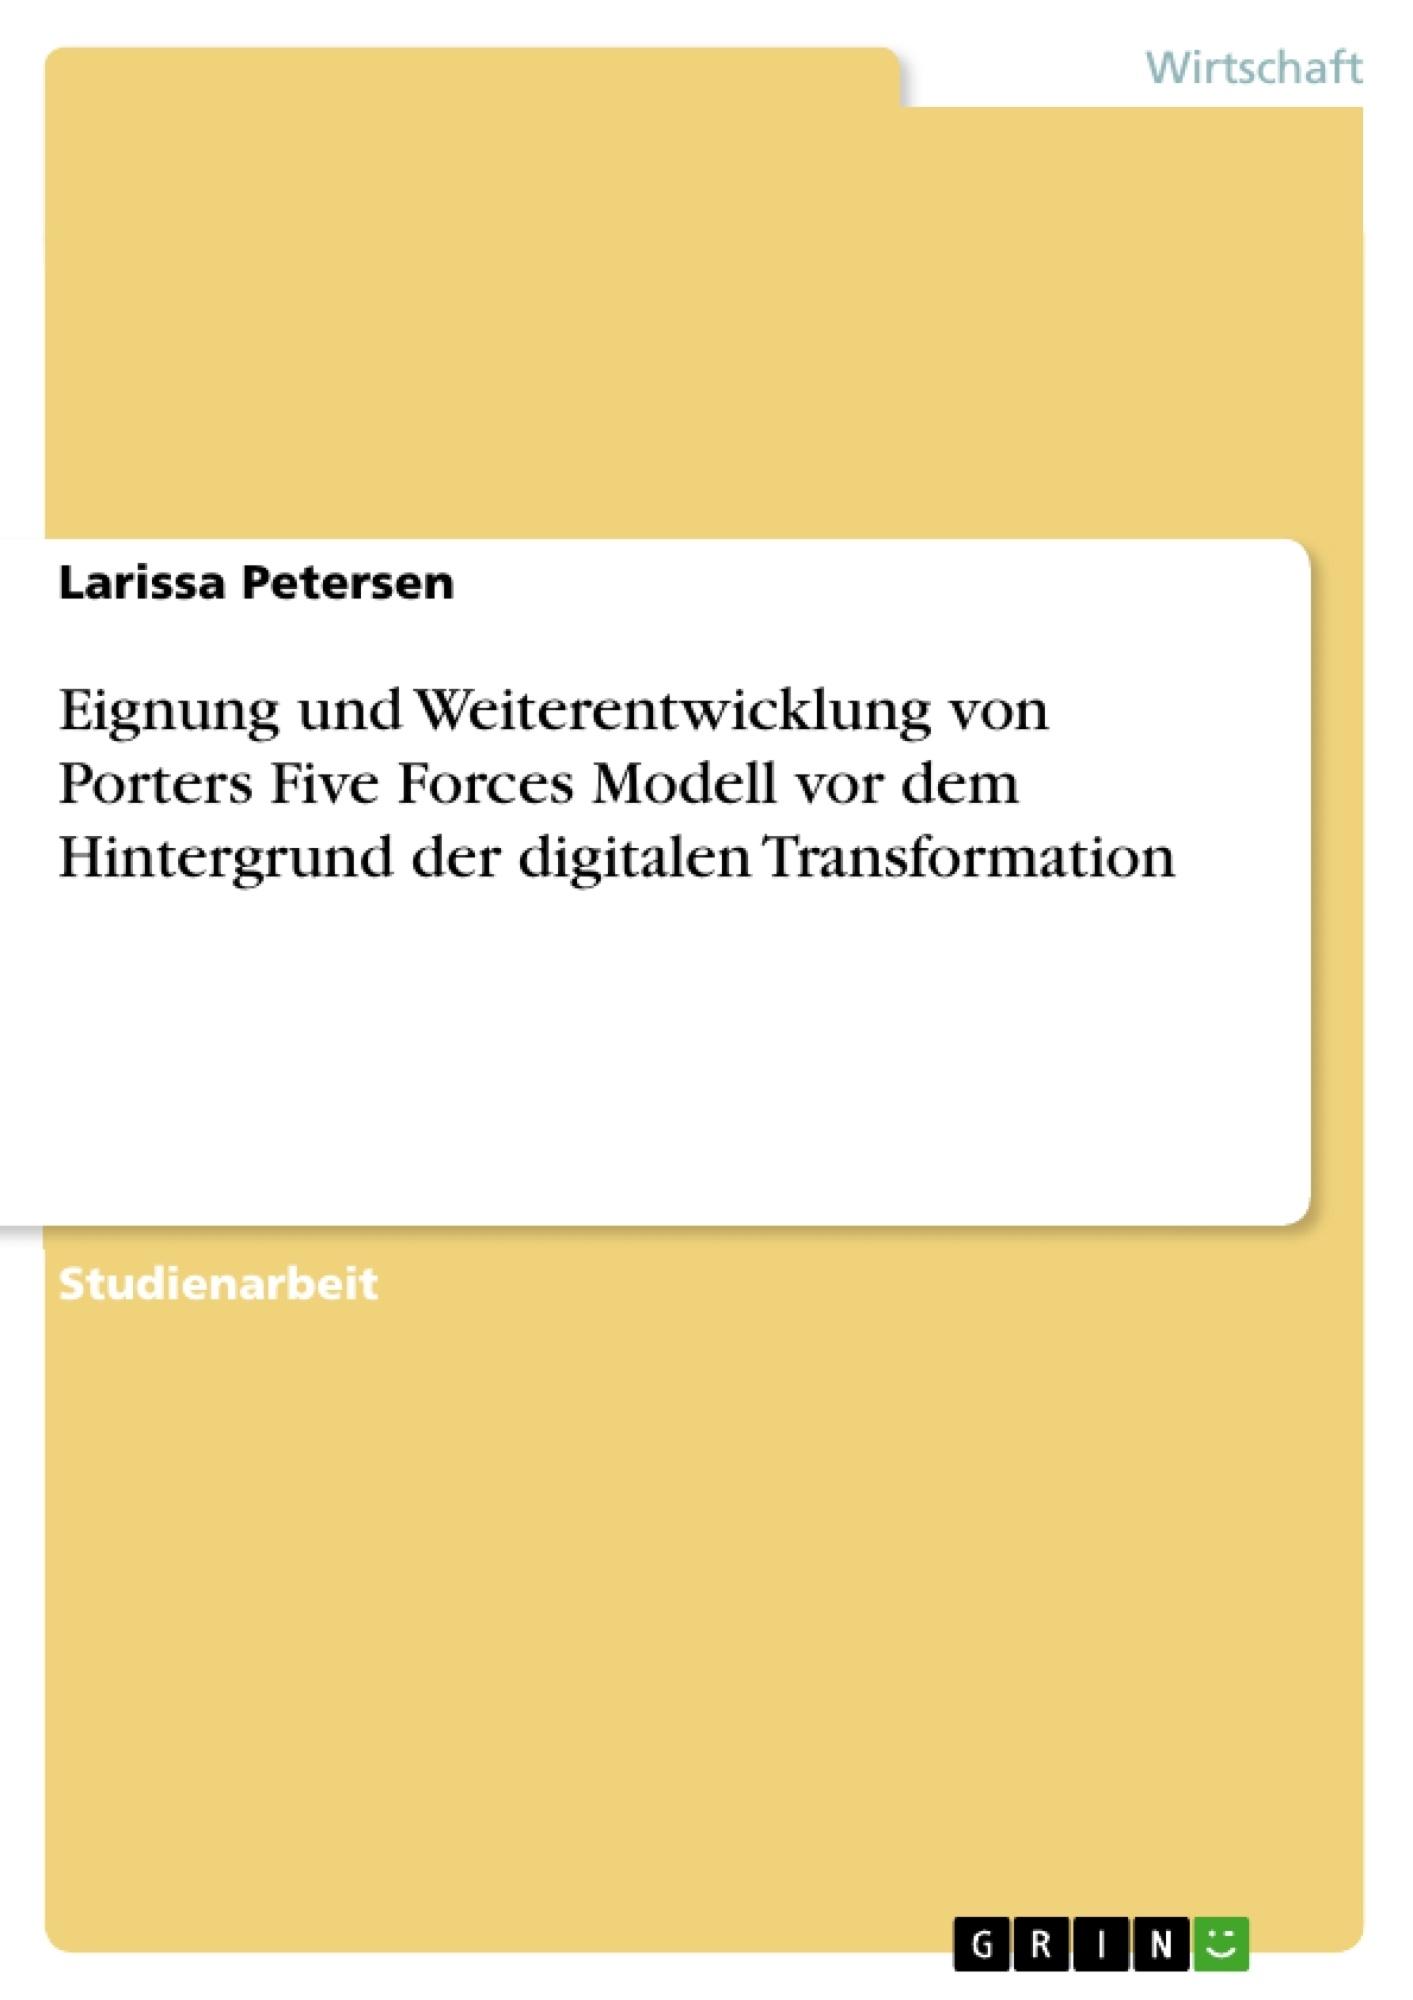 Titel: Eignung und Weiterentwicklung von Porters Five Forces Modell vor dem Hintergrund der digitalen Transformation